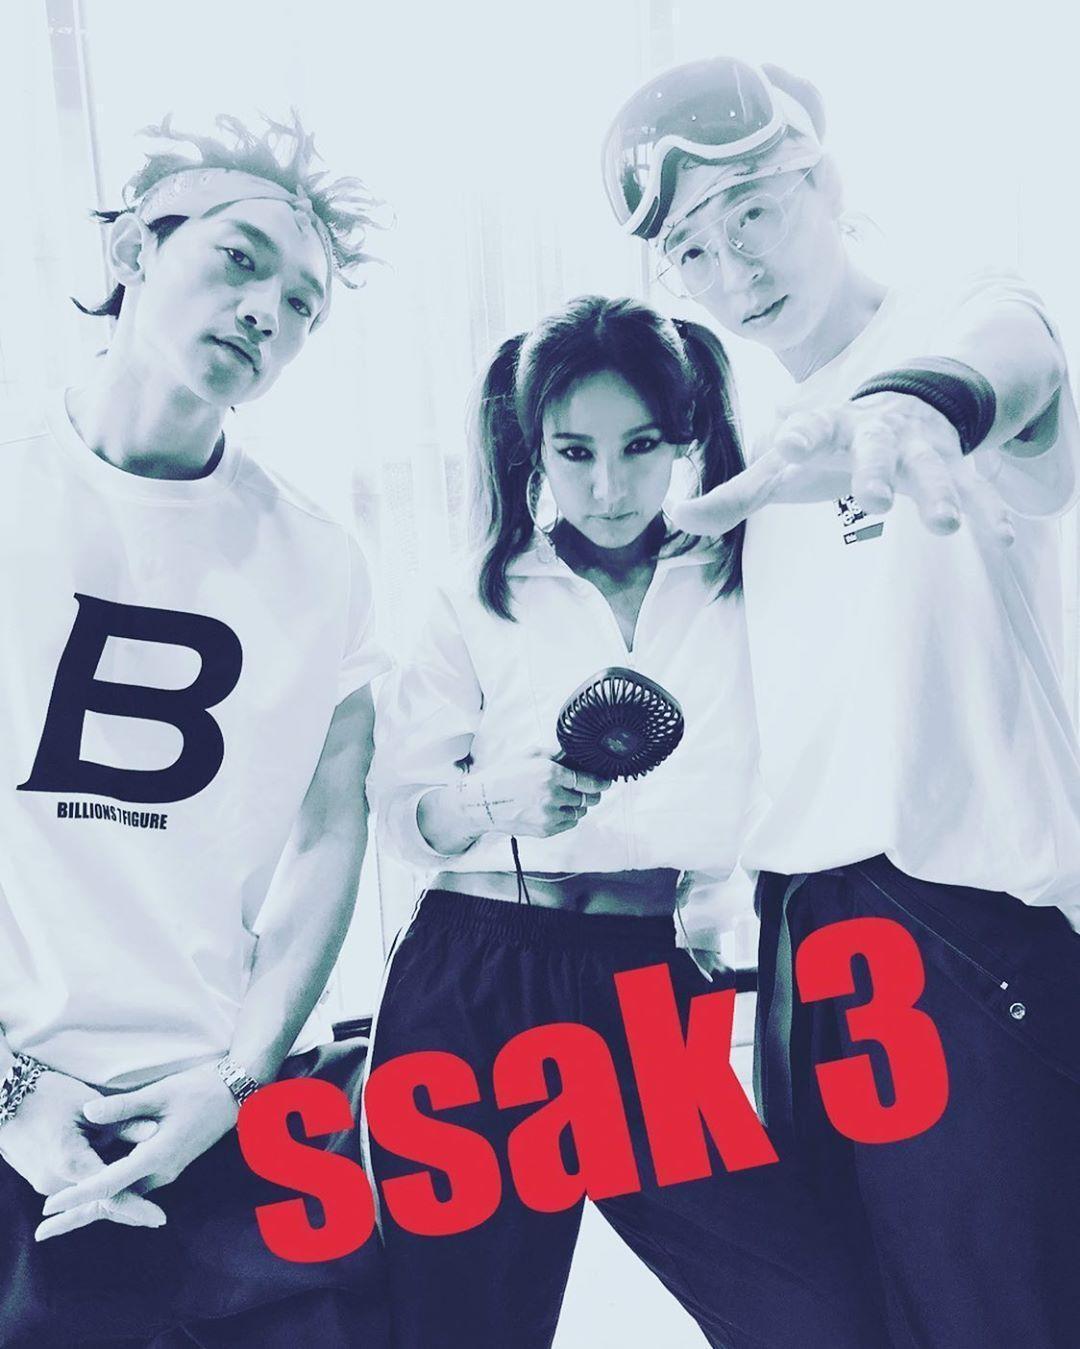 李孝利與RAIN、劉在錫組成SSAK3,發行專輯獲得熱烈迴響。(翻攝李孝利IG)